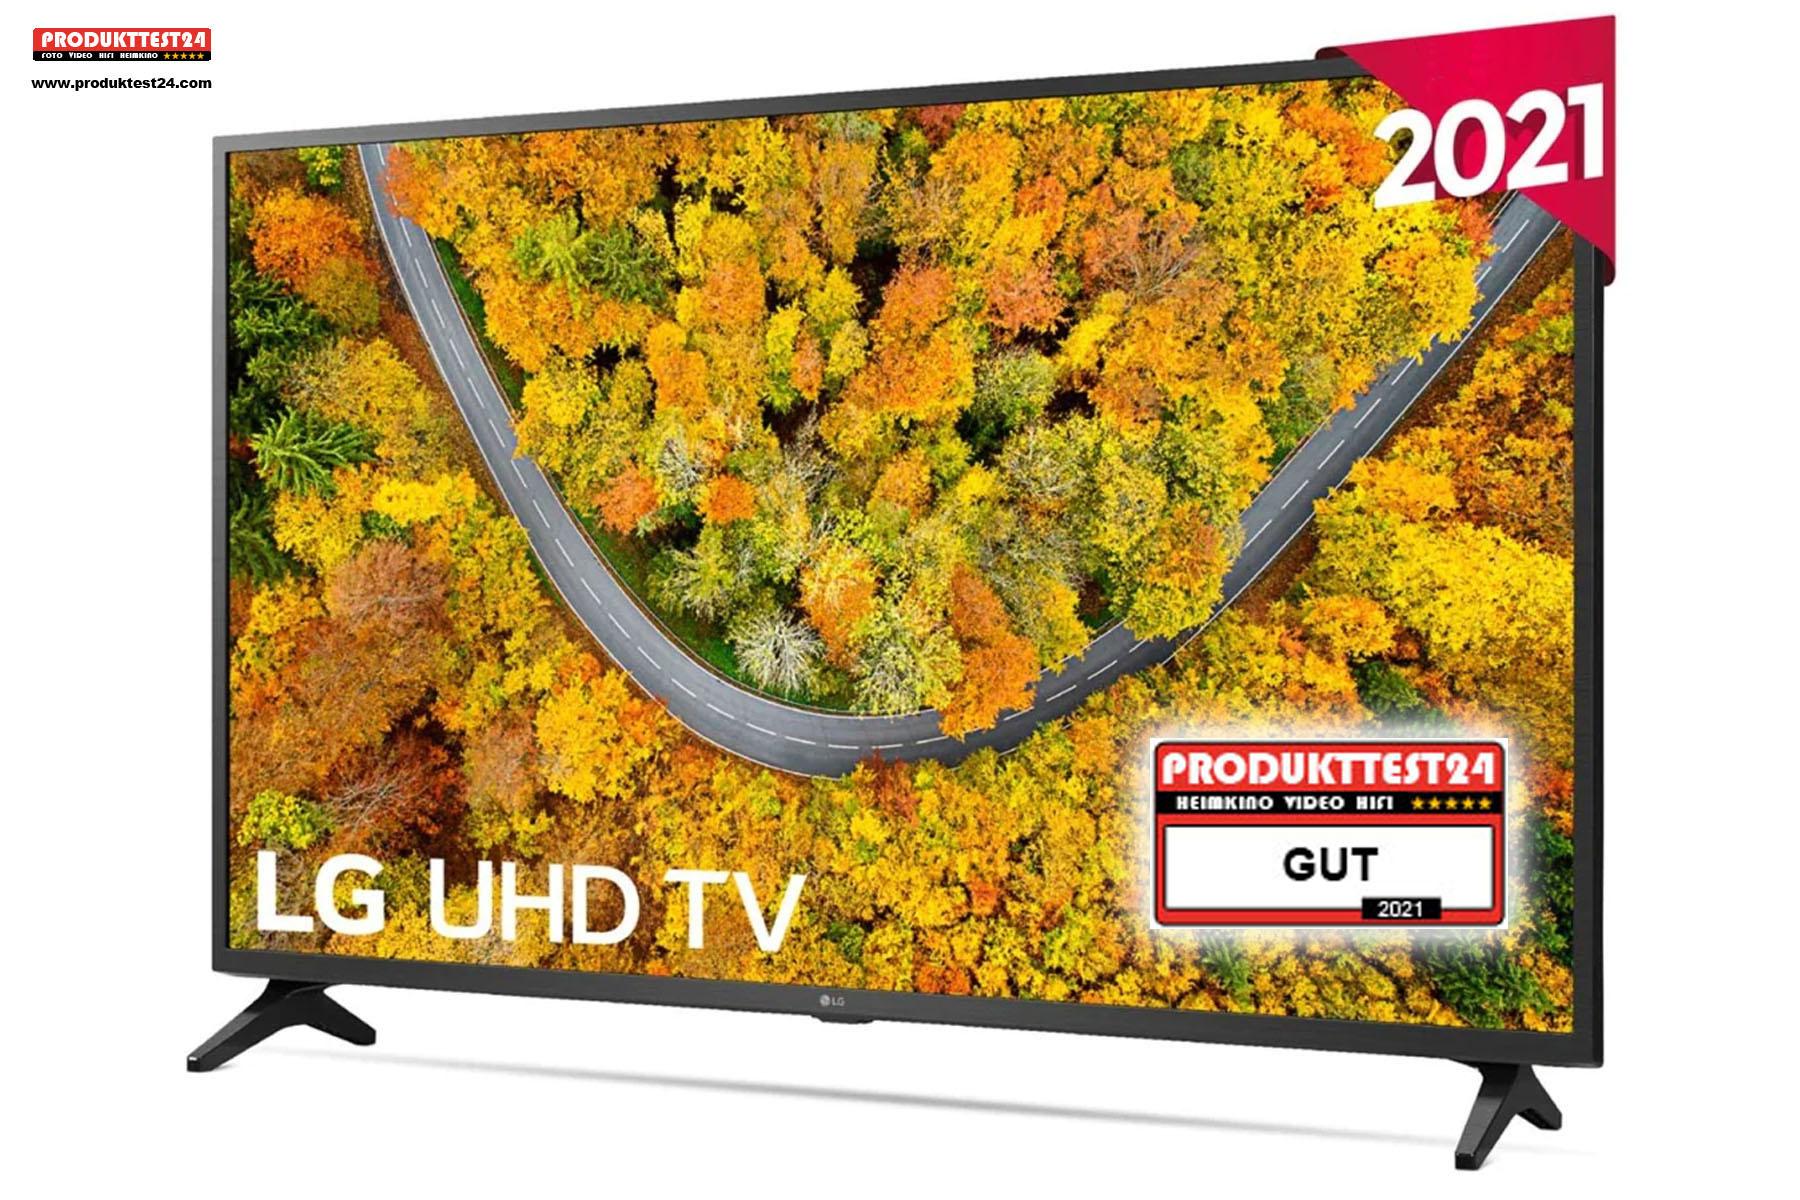 Der günstige 43 Zoll 4K-Fernseher von LG